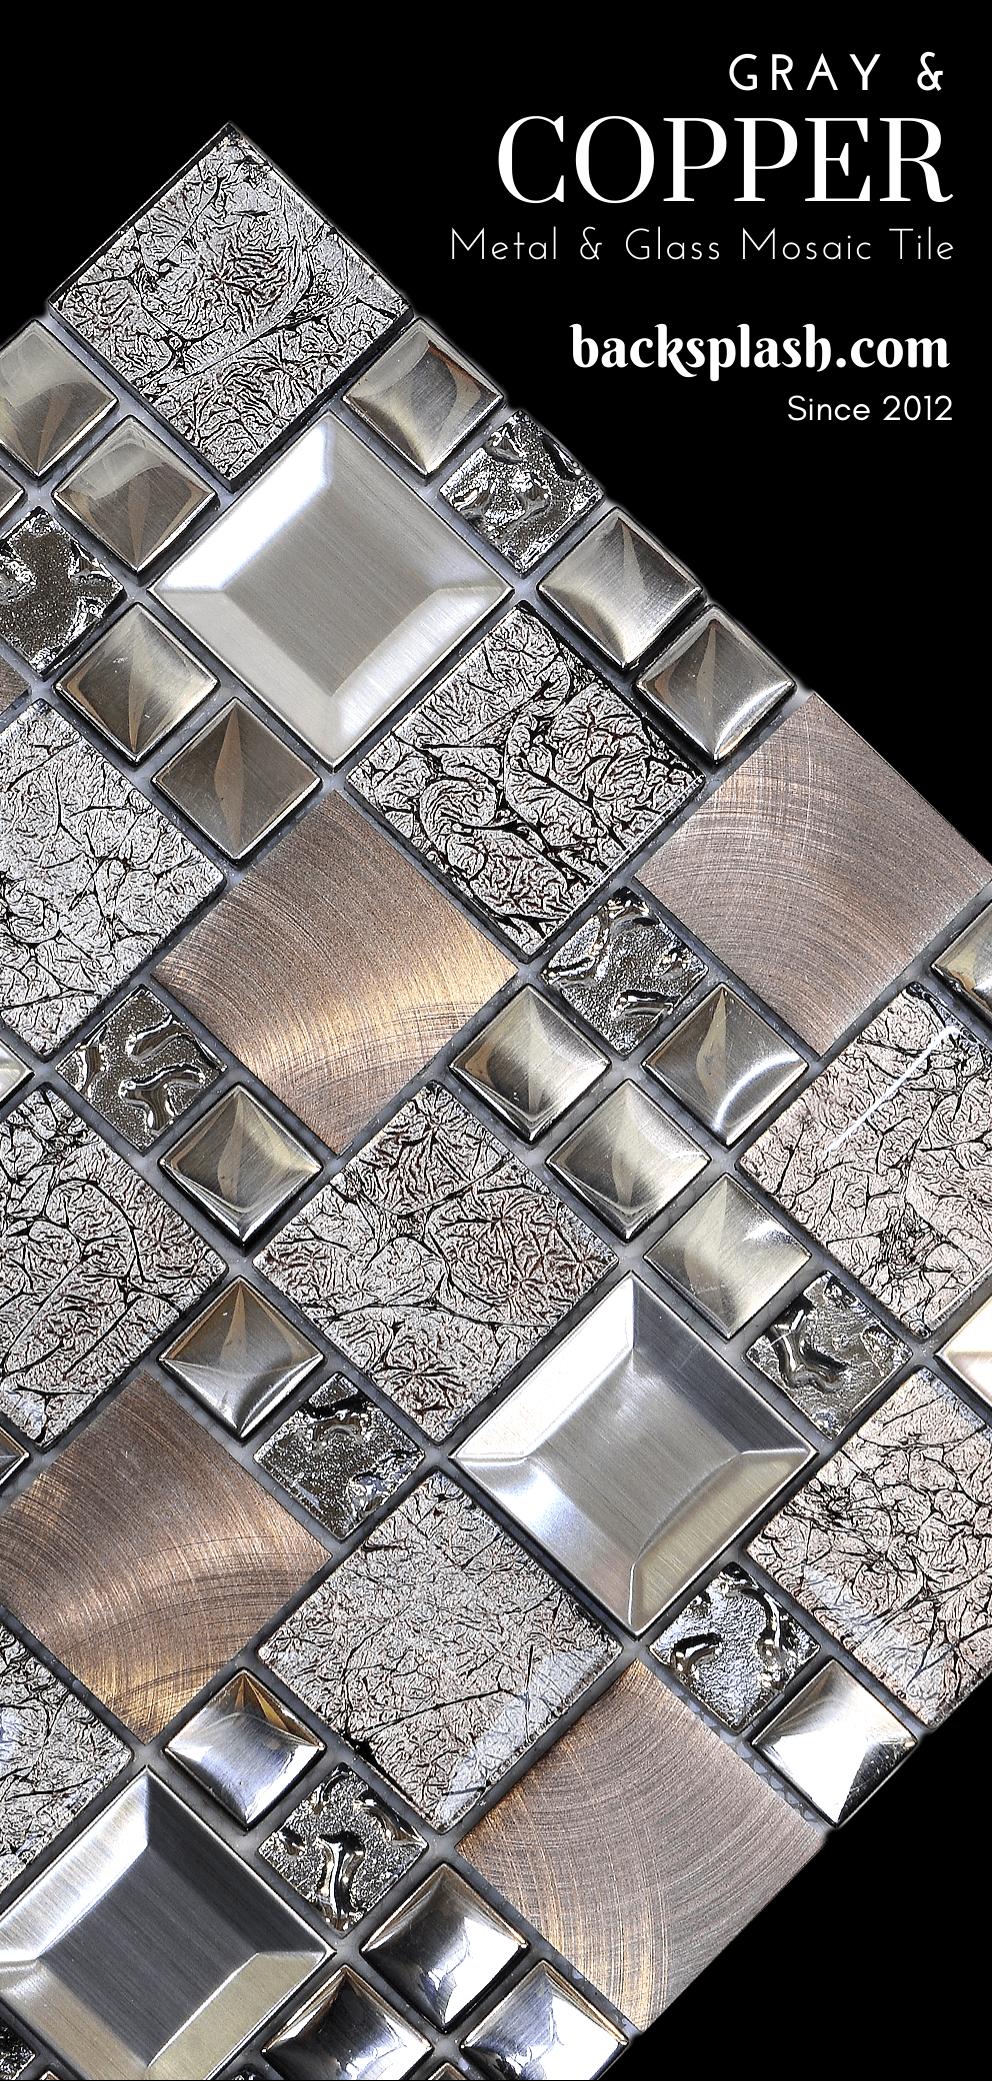 Glass Metal Gray Copper Mosaic Backsplash Tile Backsplash Com Copper Mosaic Backsplash Copper Mosaic Mosaic Backsplash